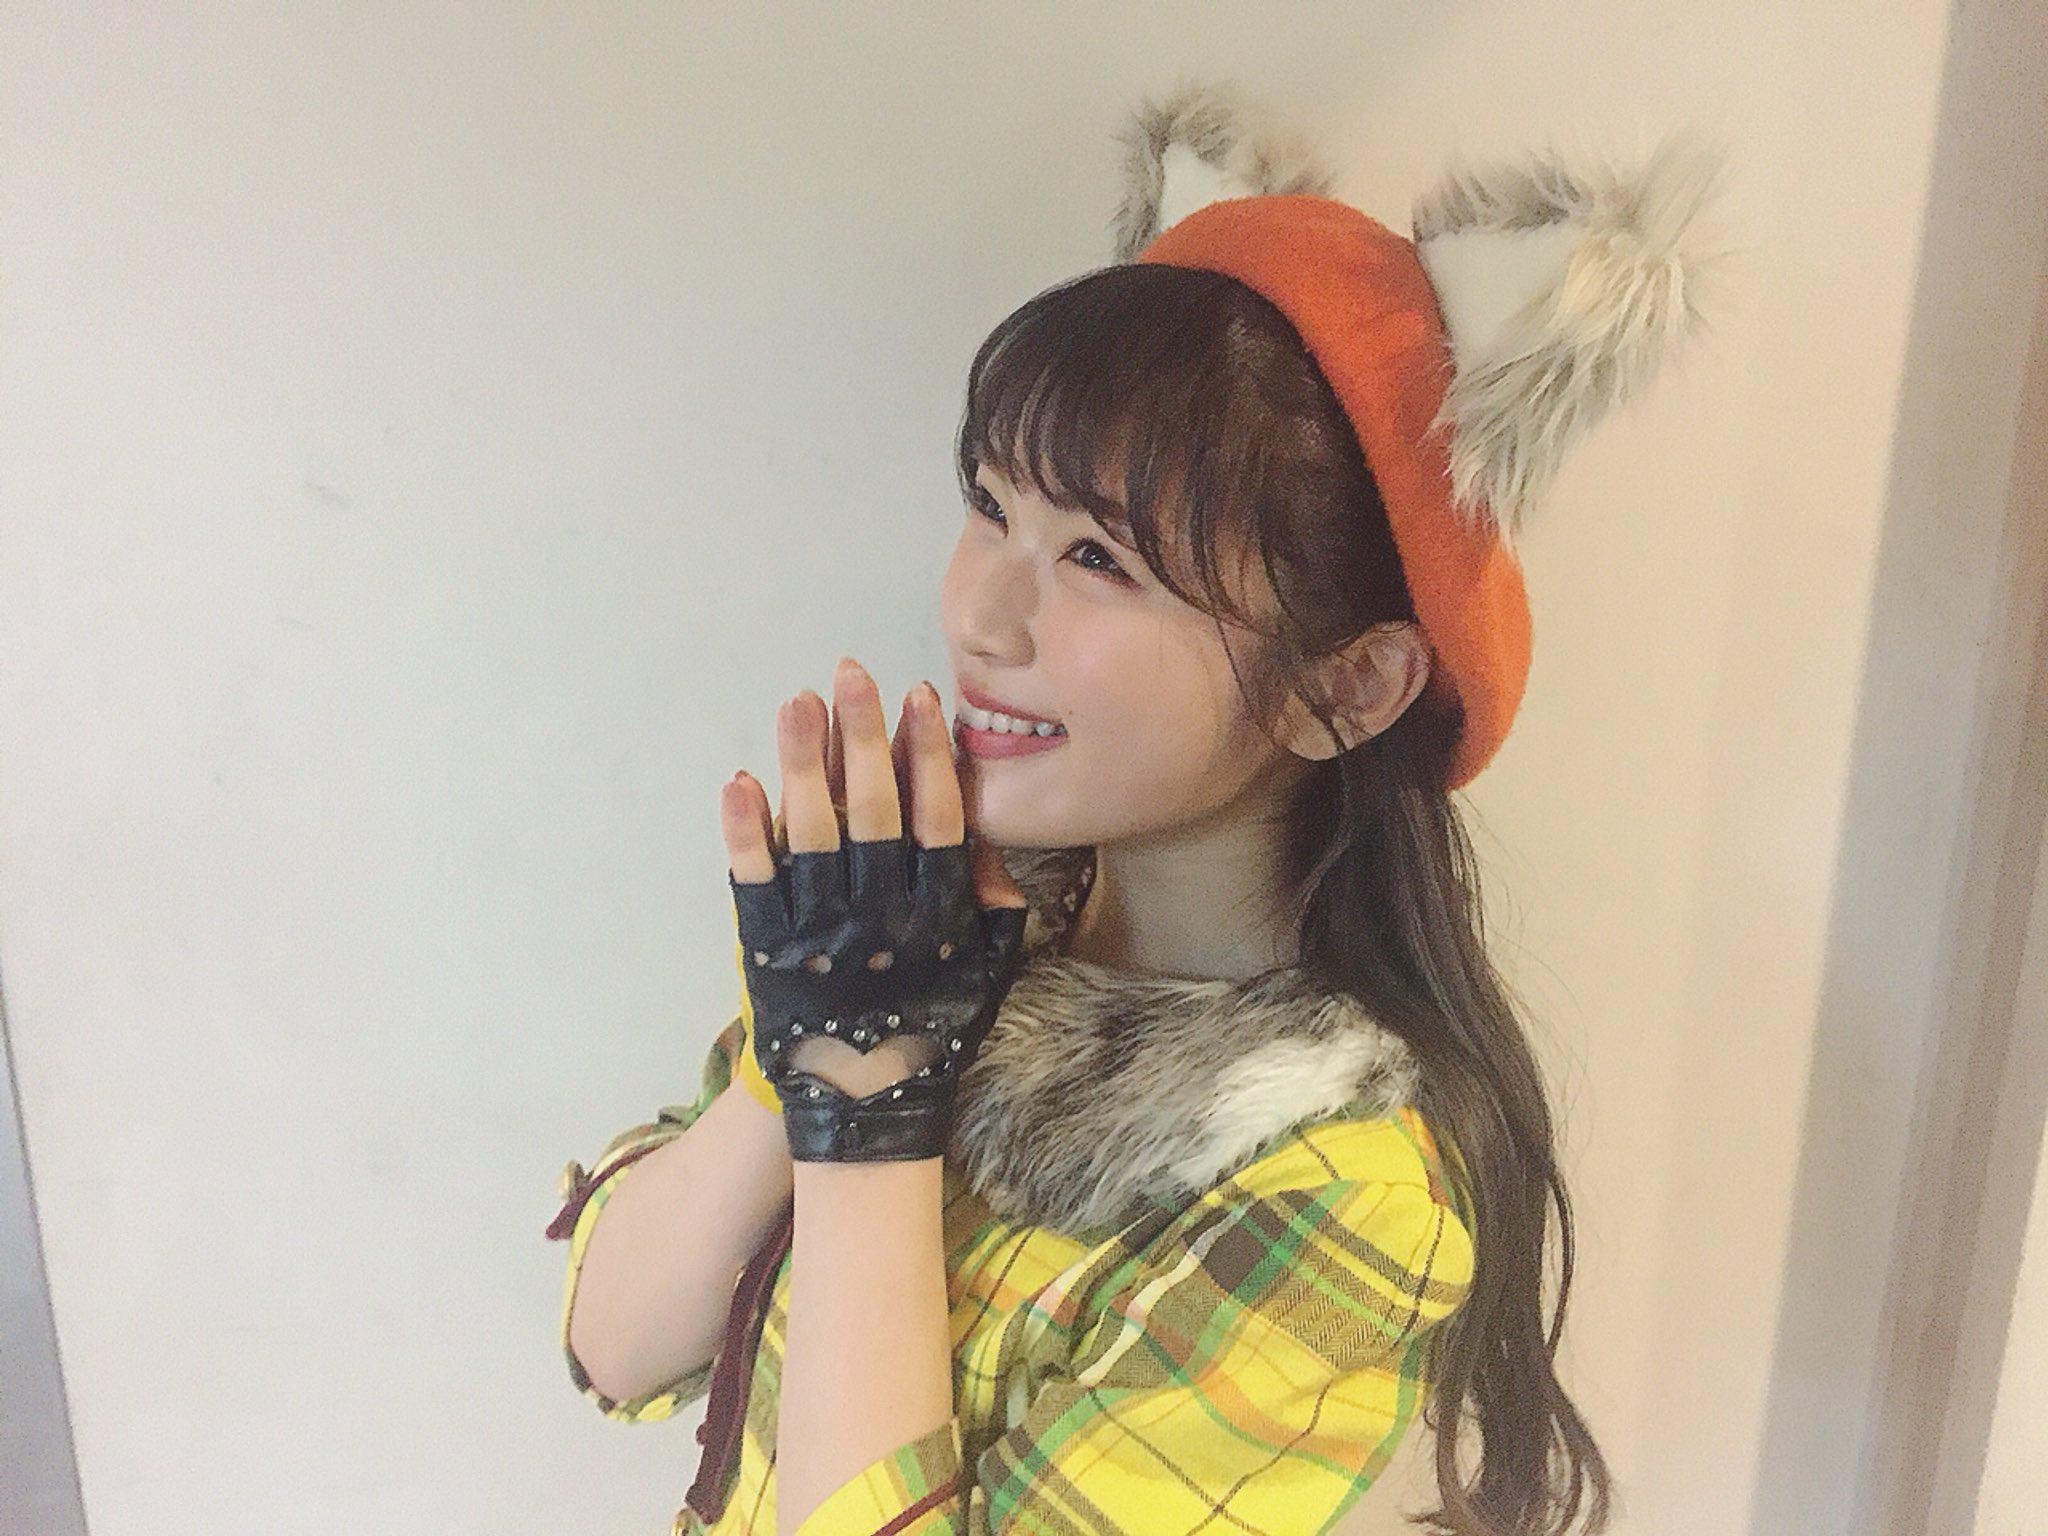 48まとめもログ:アイドル追跡記録2018年08月08日(水)NMB48スケジュール 「KawaiianTV北海道アイドルイベント」(堀詩音)「AKB48のオールナイトニッポン#412」(山本彩)などコメントする